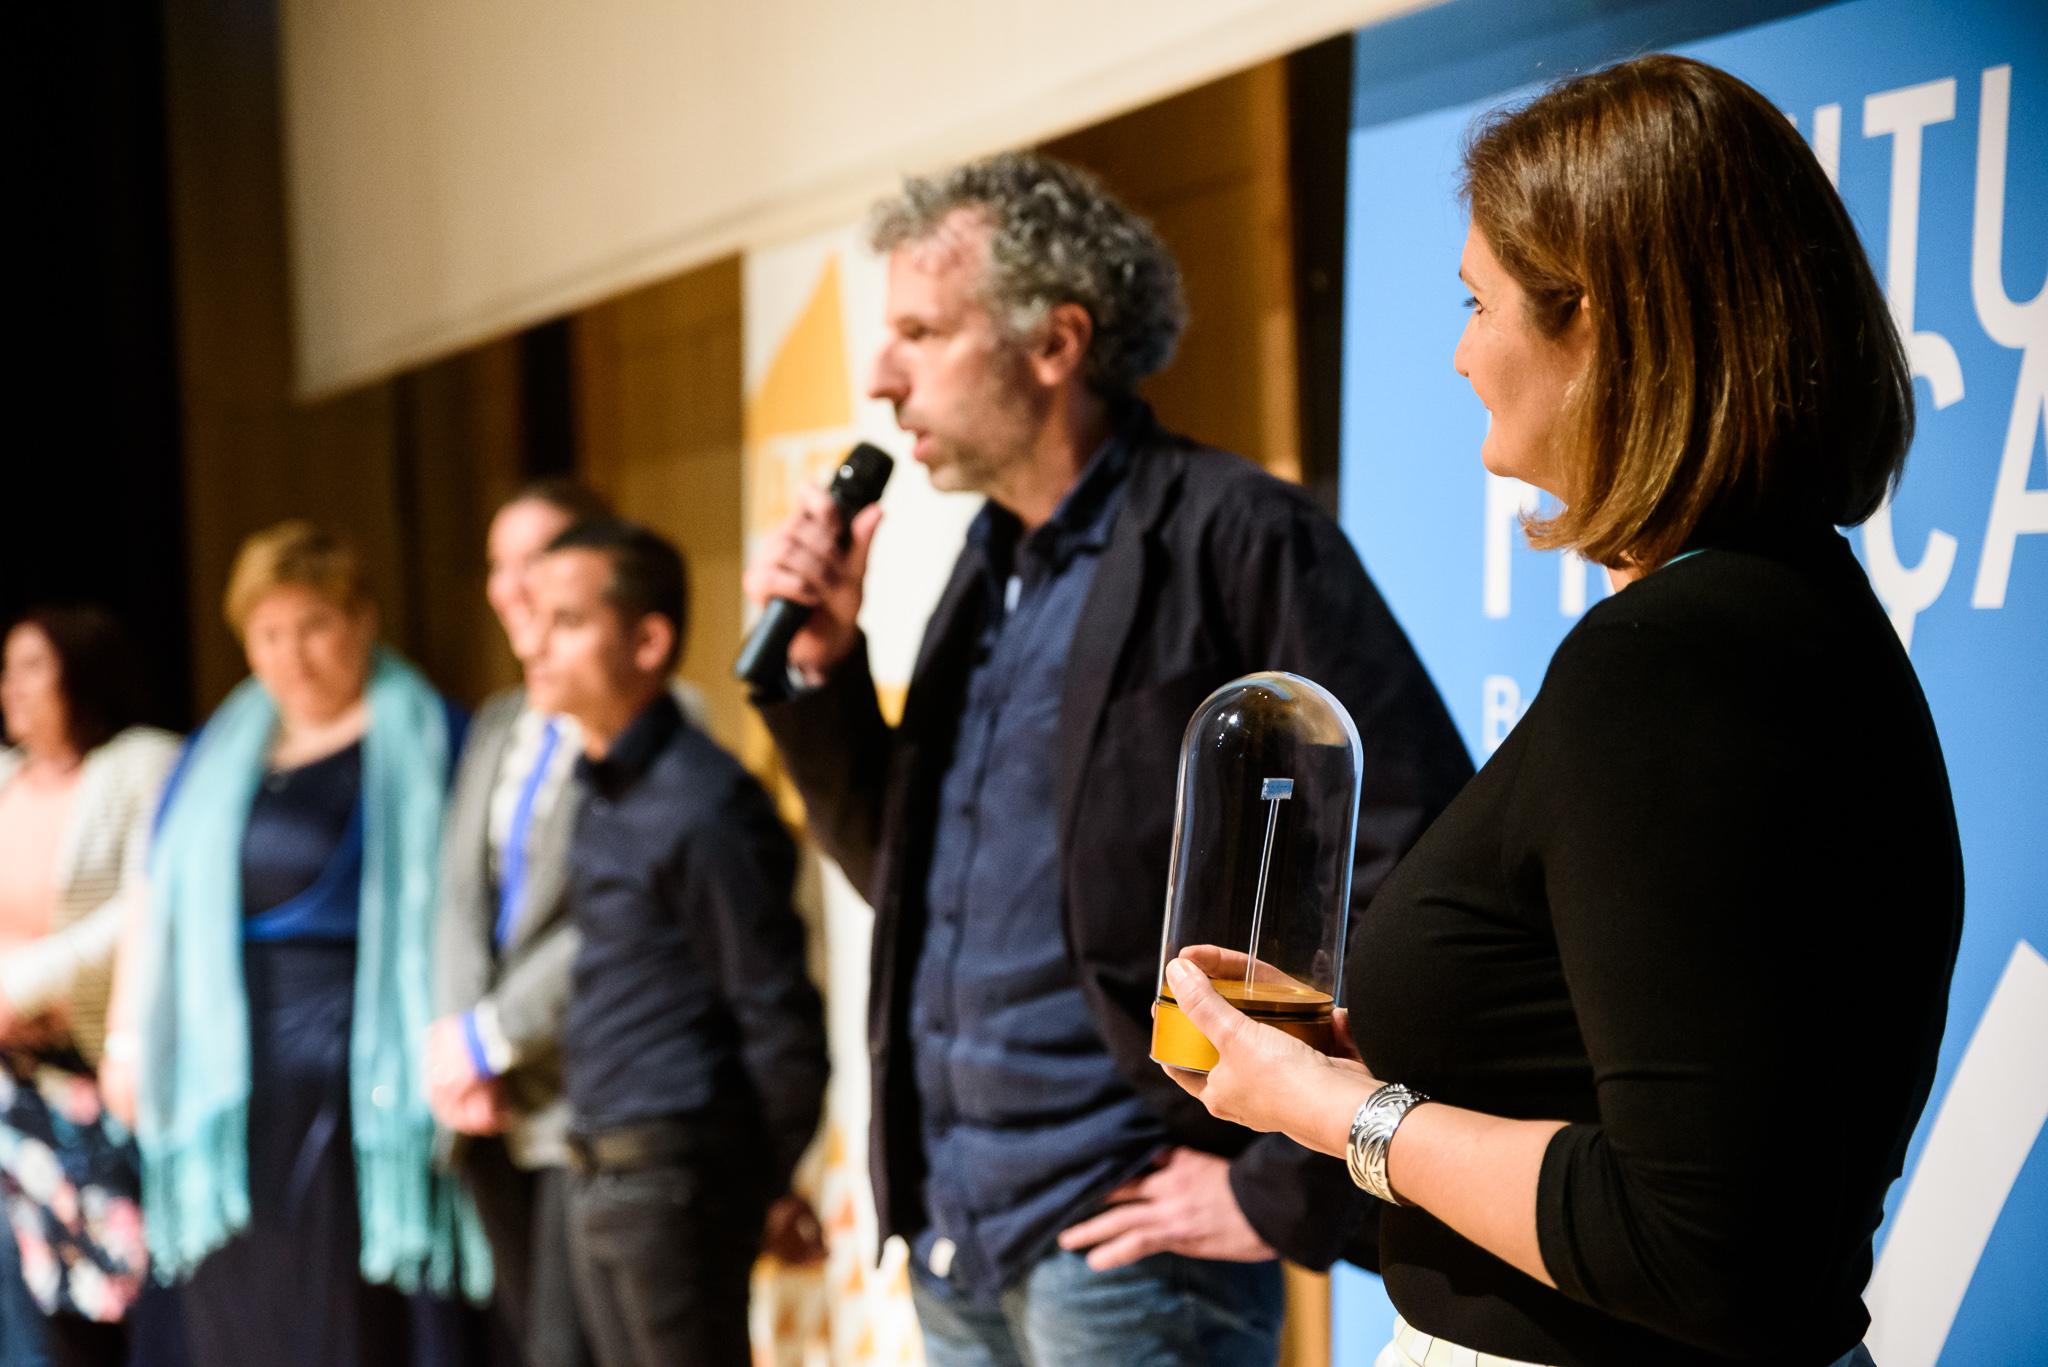 5. kép: Miklósi Gábor, az Index főszerkesztő-helyettese és László Krisztina a Marie Claire főszerkesztője